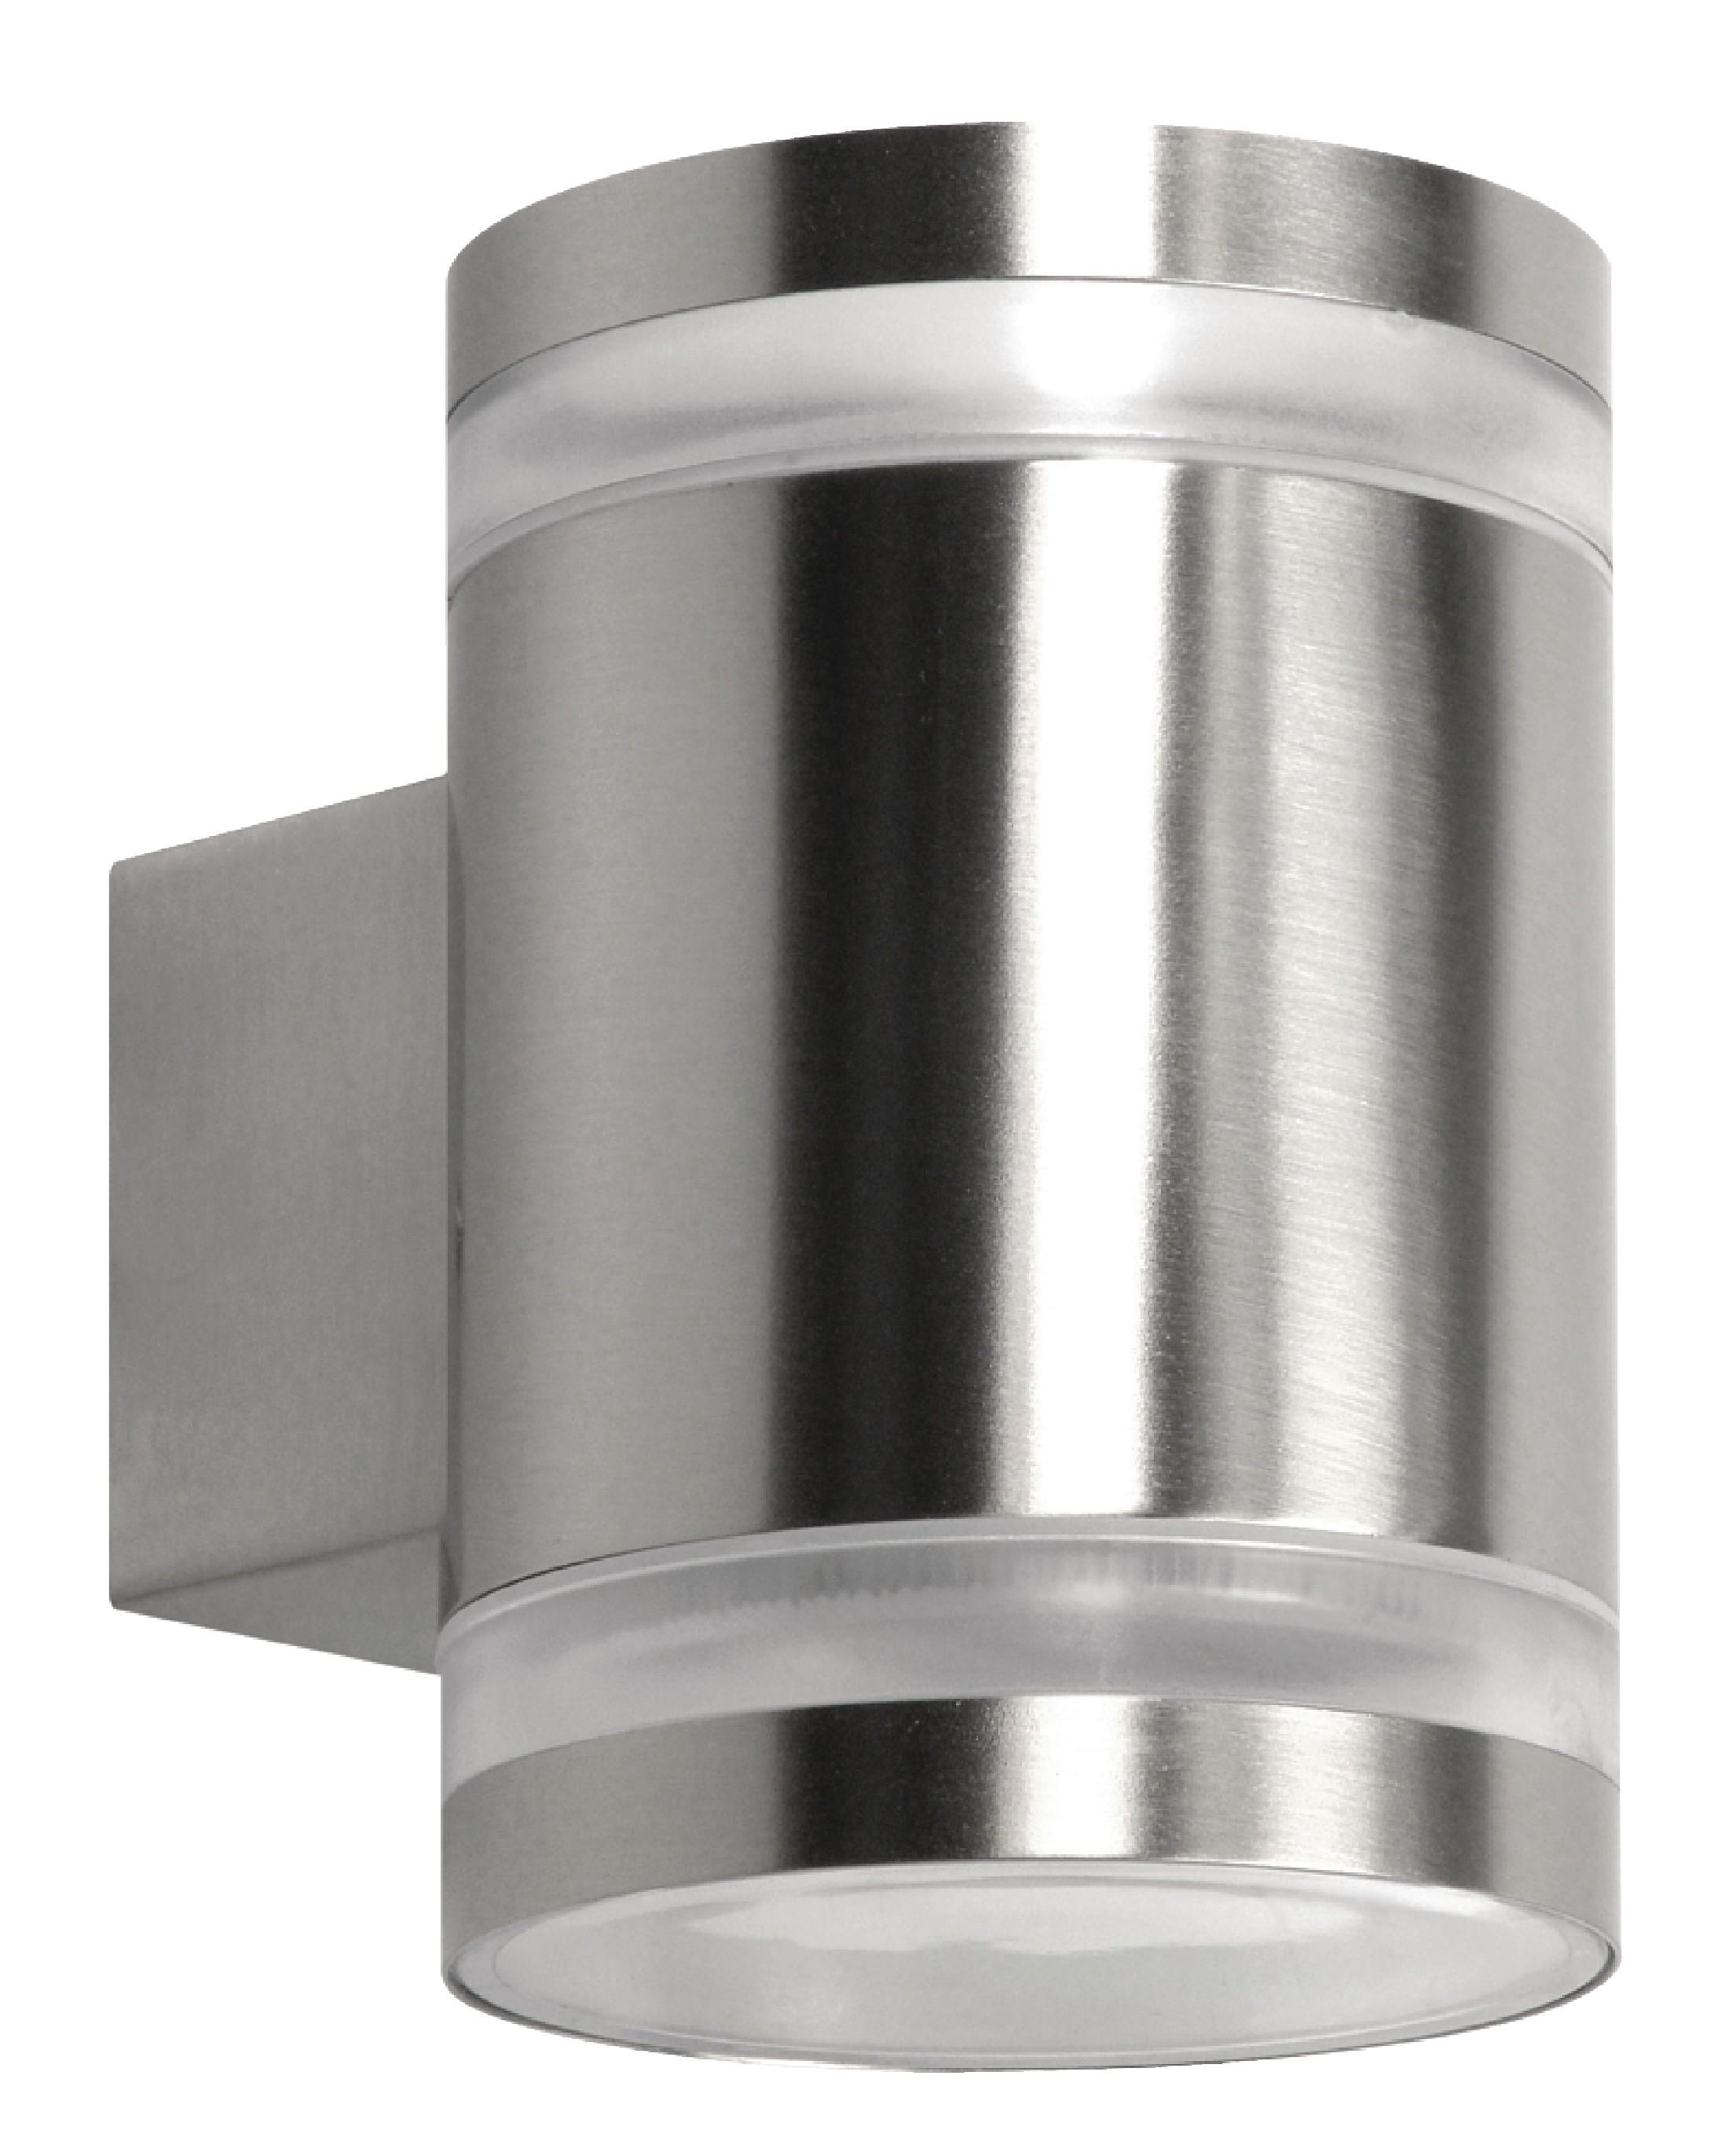 Venkovní nástěnné svítidlo 2x GX53 Ranex RA-5000328